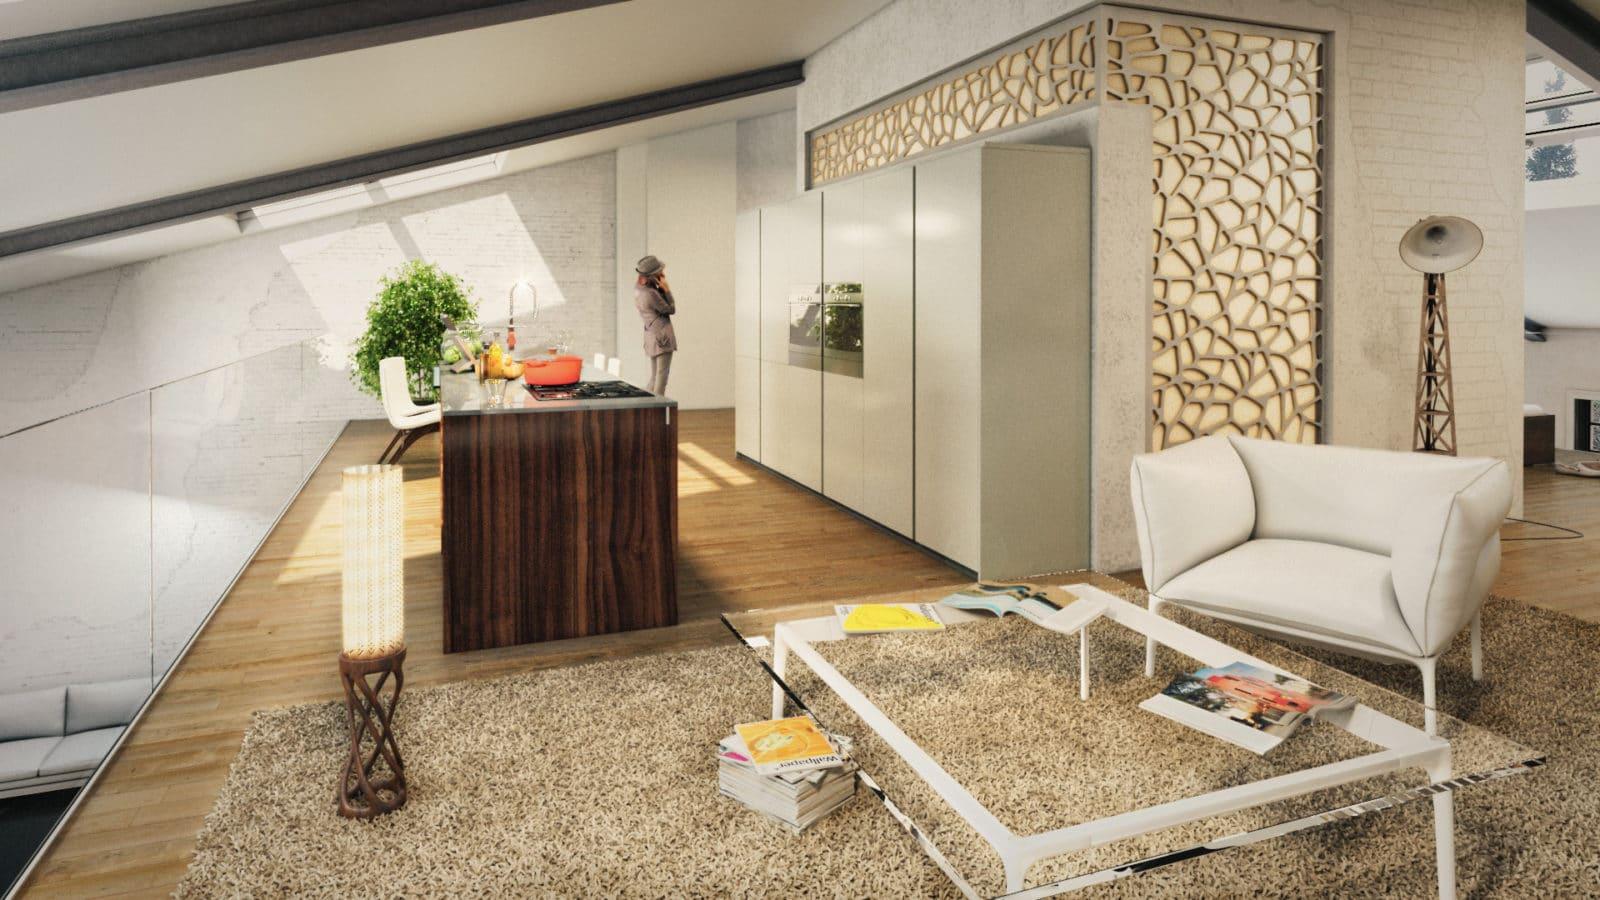 Architekturvisualisierung Interieur, Umbau Industrieobjekt